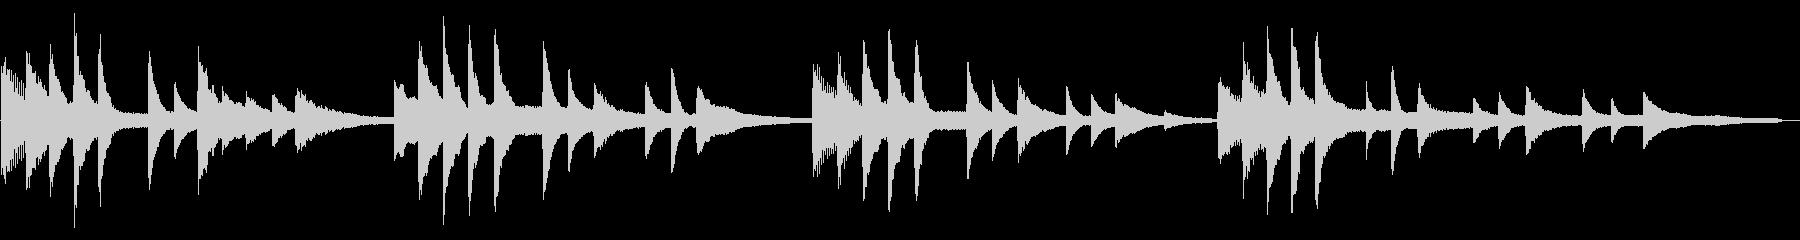 おだやかな波の様子を表現したピアノソロの未再生の波形